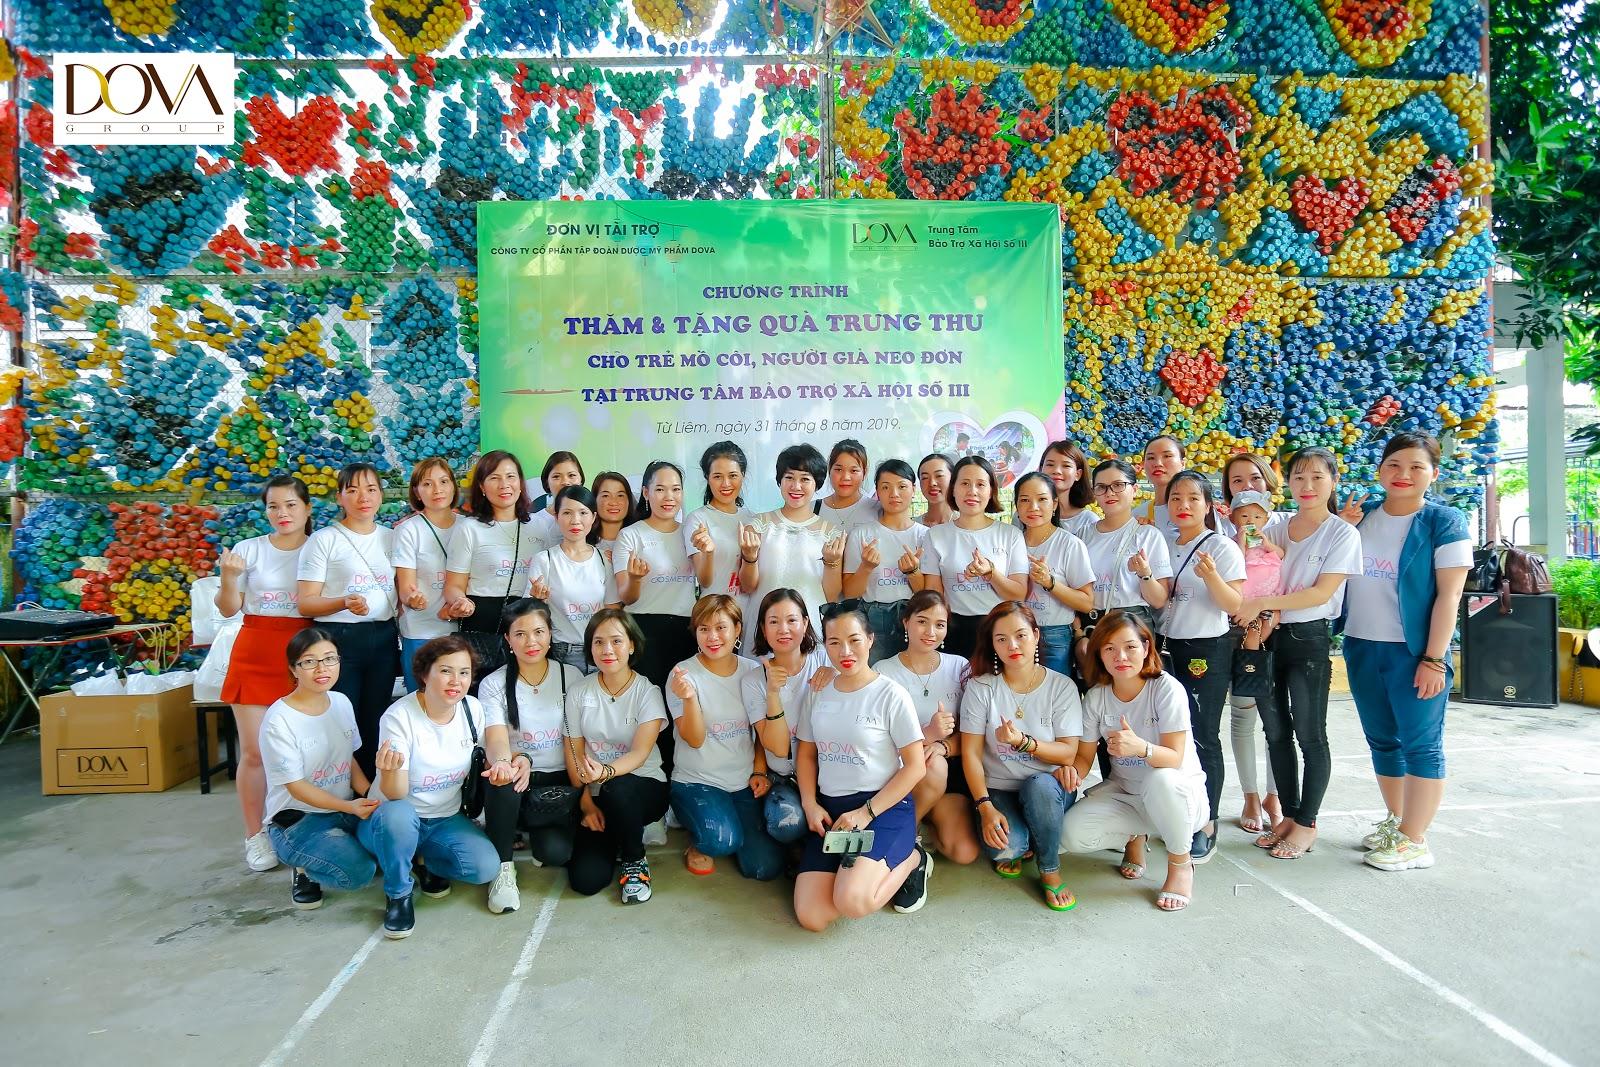 Tập đoàn Dova trao hơn 500 suất quà cho người già neo đơn, trẻ mồ côi, khuyết tật - Ảnh 3